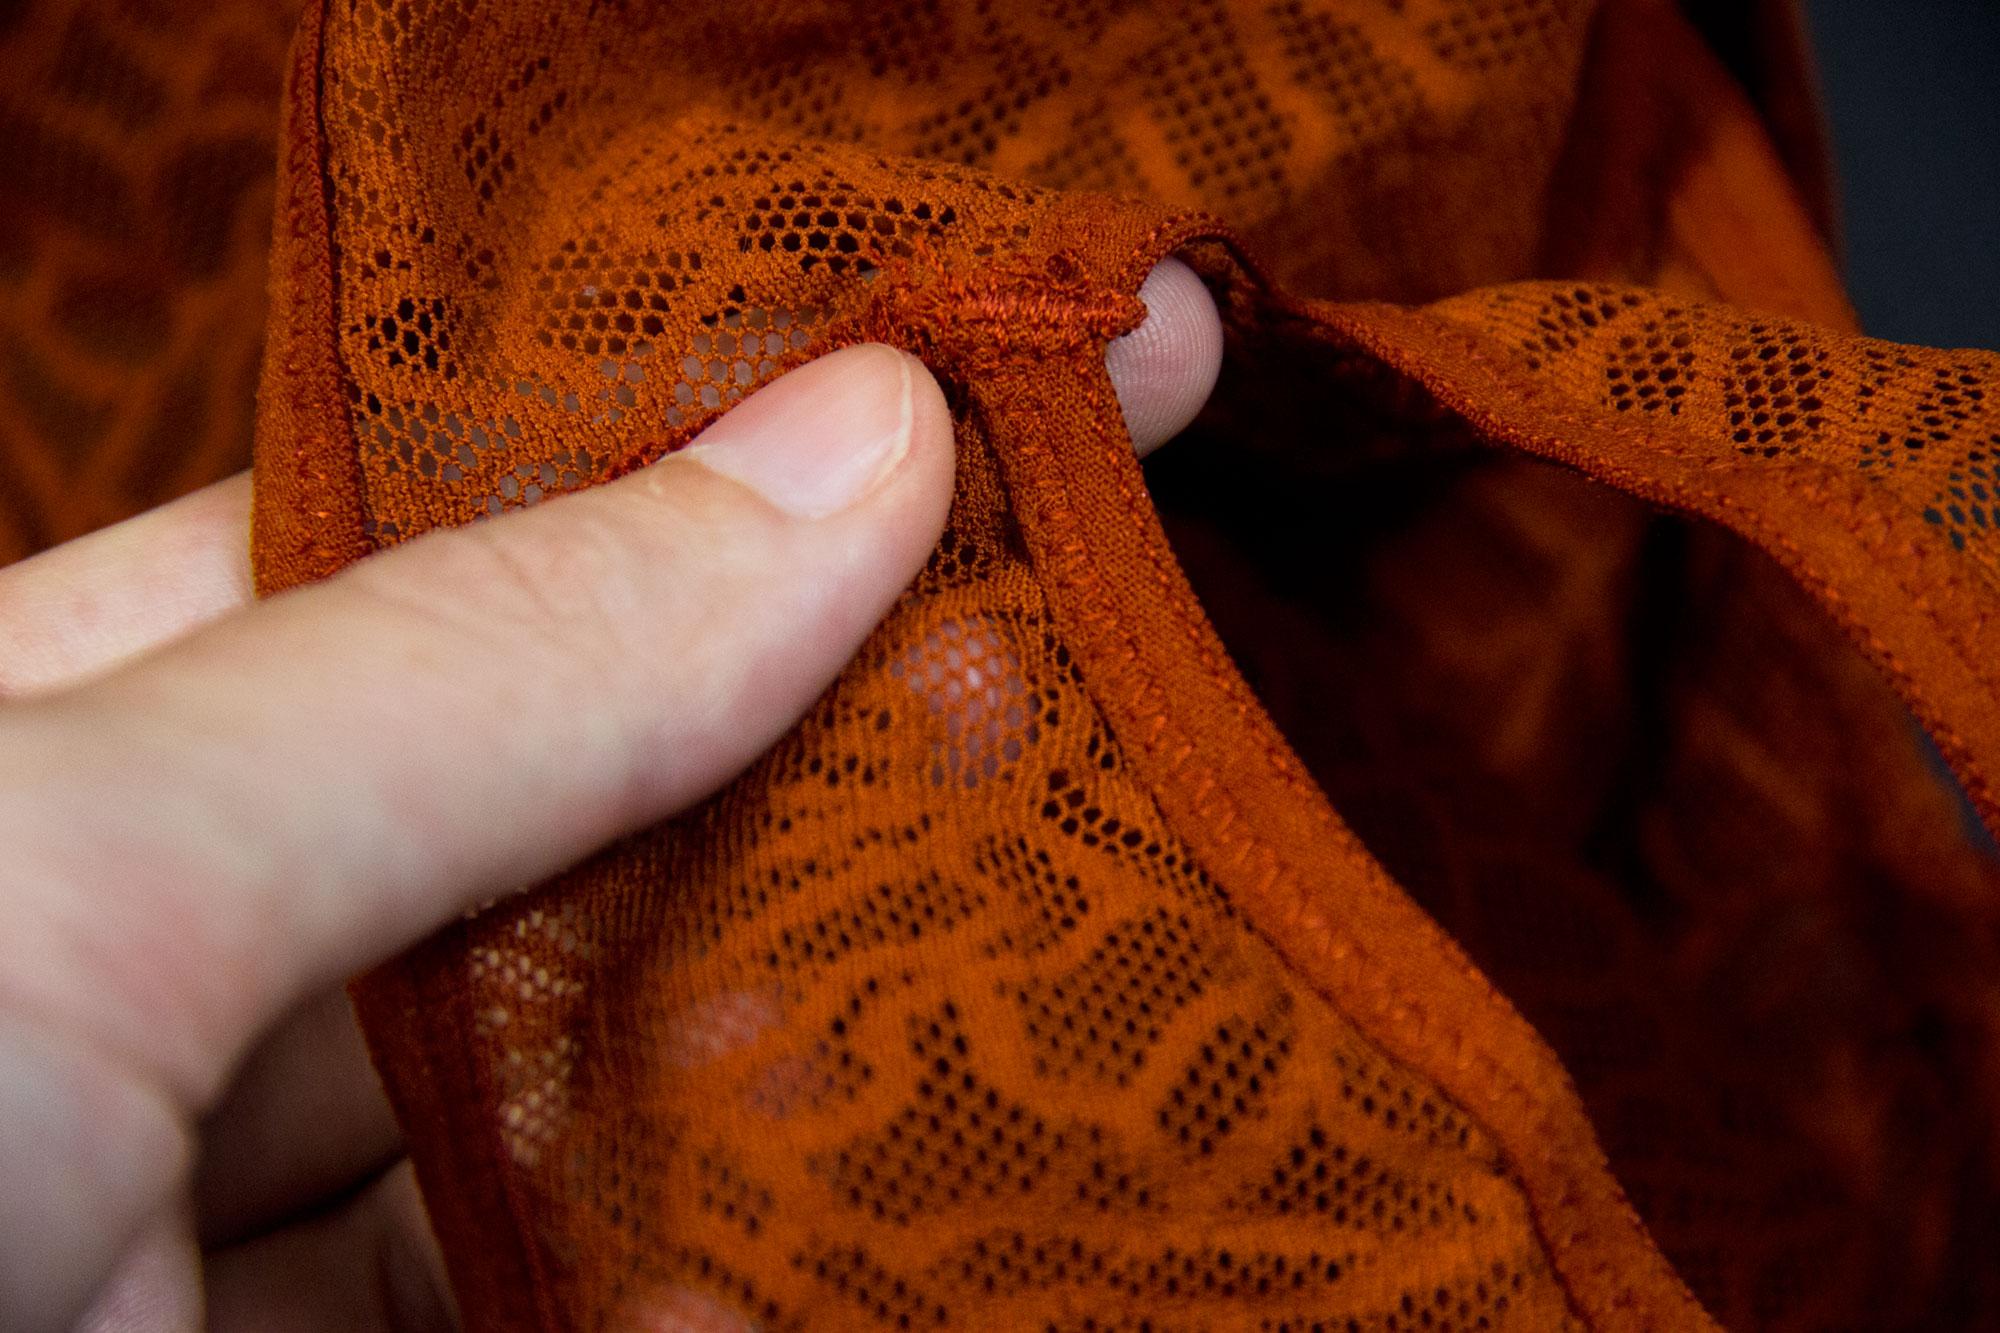 Обзор нижнего белья Else на Garterblog.ru Все права на фото и текст защищены